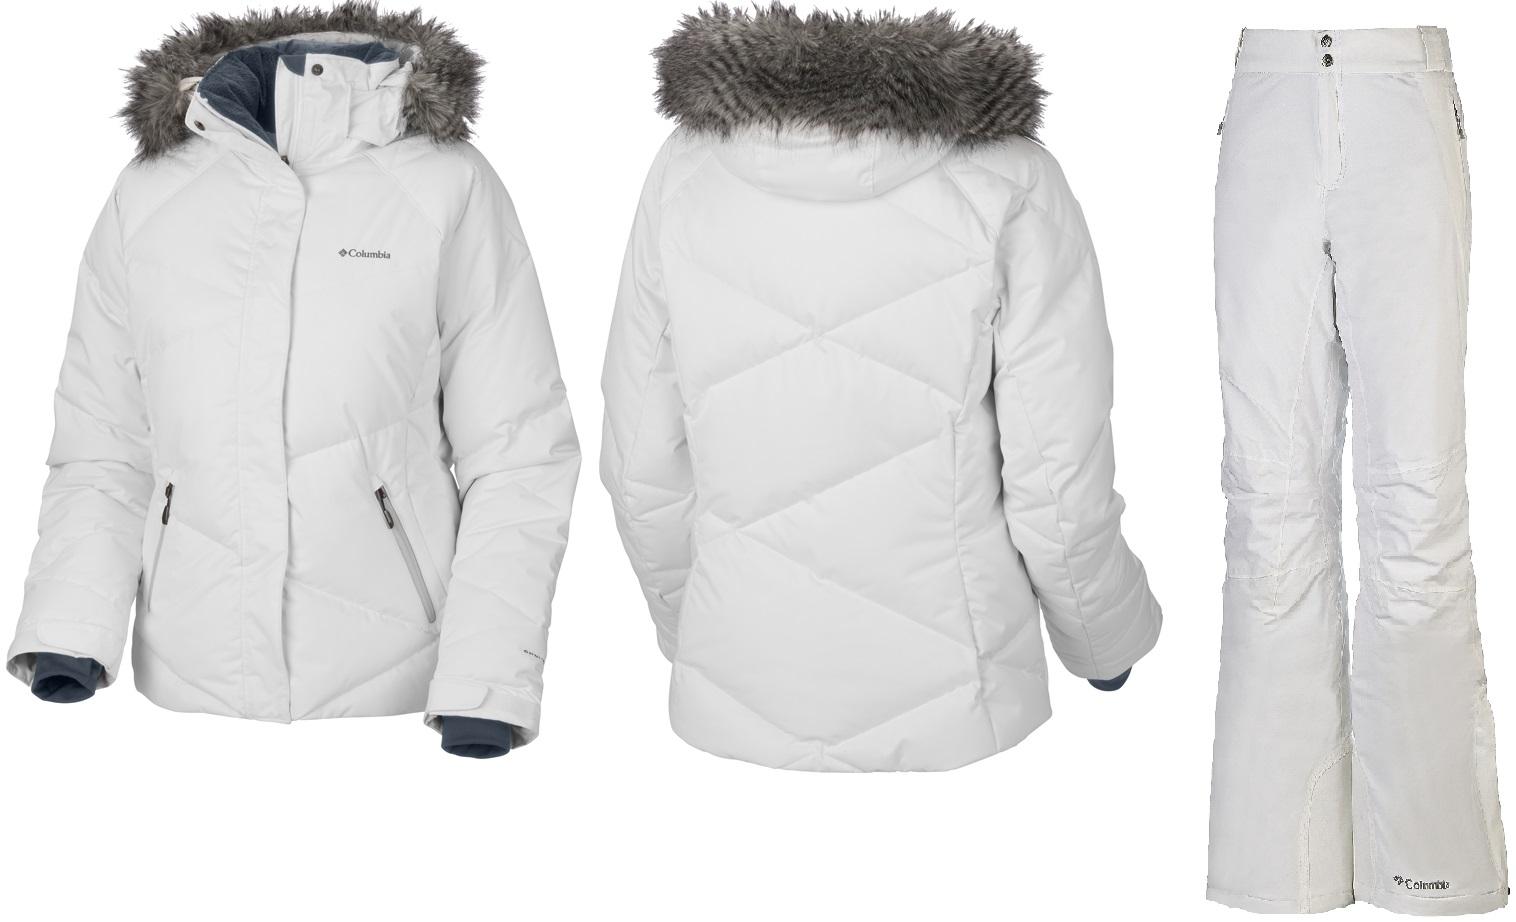 609930a5b48f И помните, какой бы красивой не была горнолыжная куртка, ее главная задача  — не промокать и не дать вам заболеть. Для дождливой погоды костюм должен  ...